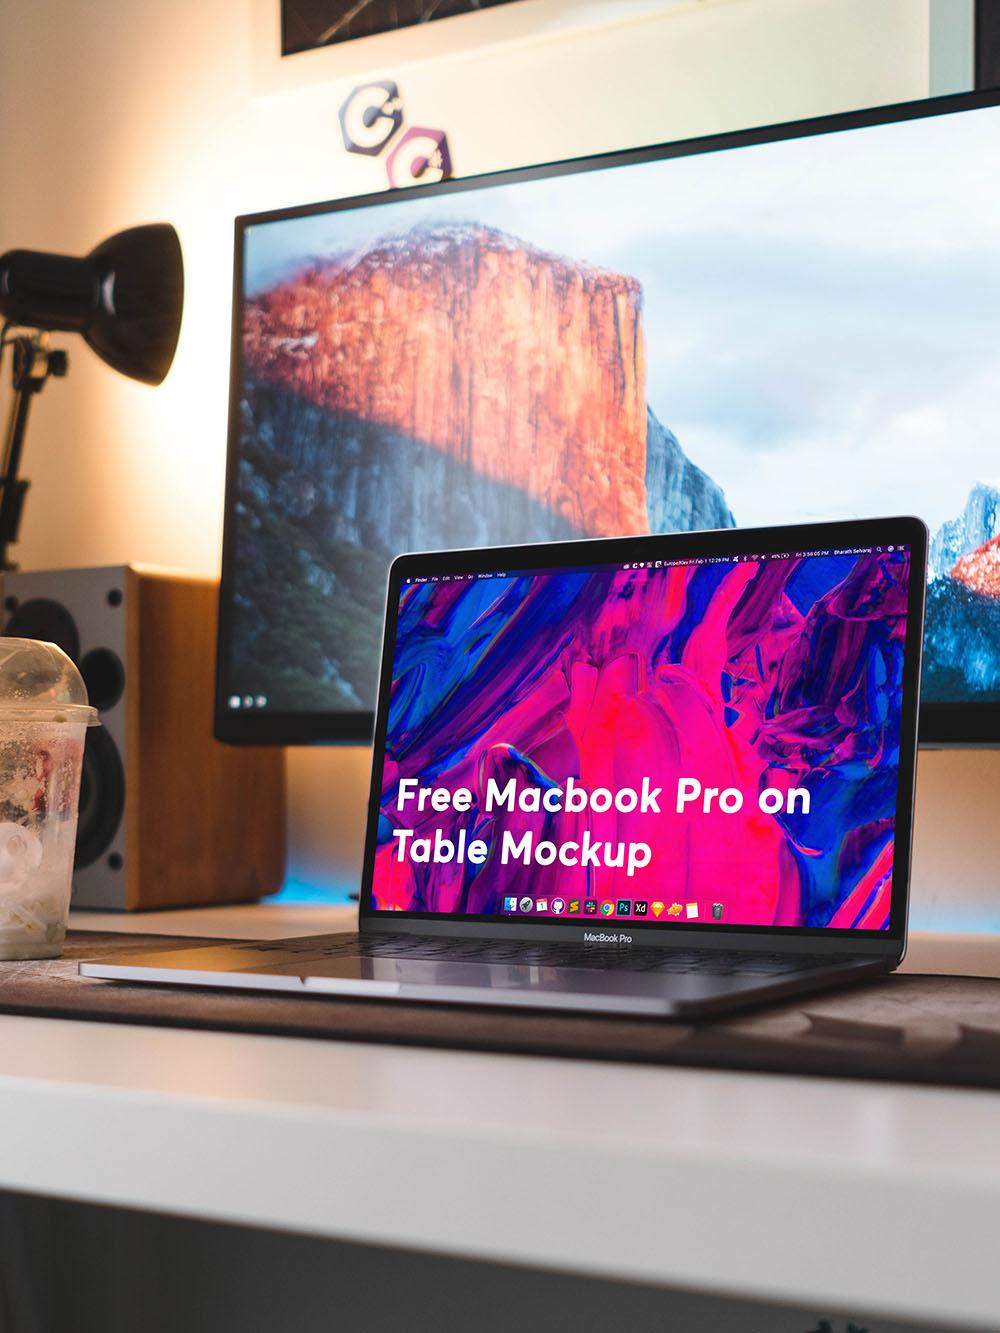 Free macbook pro on table mockup